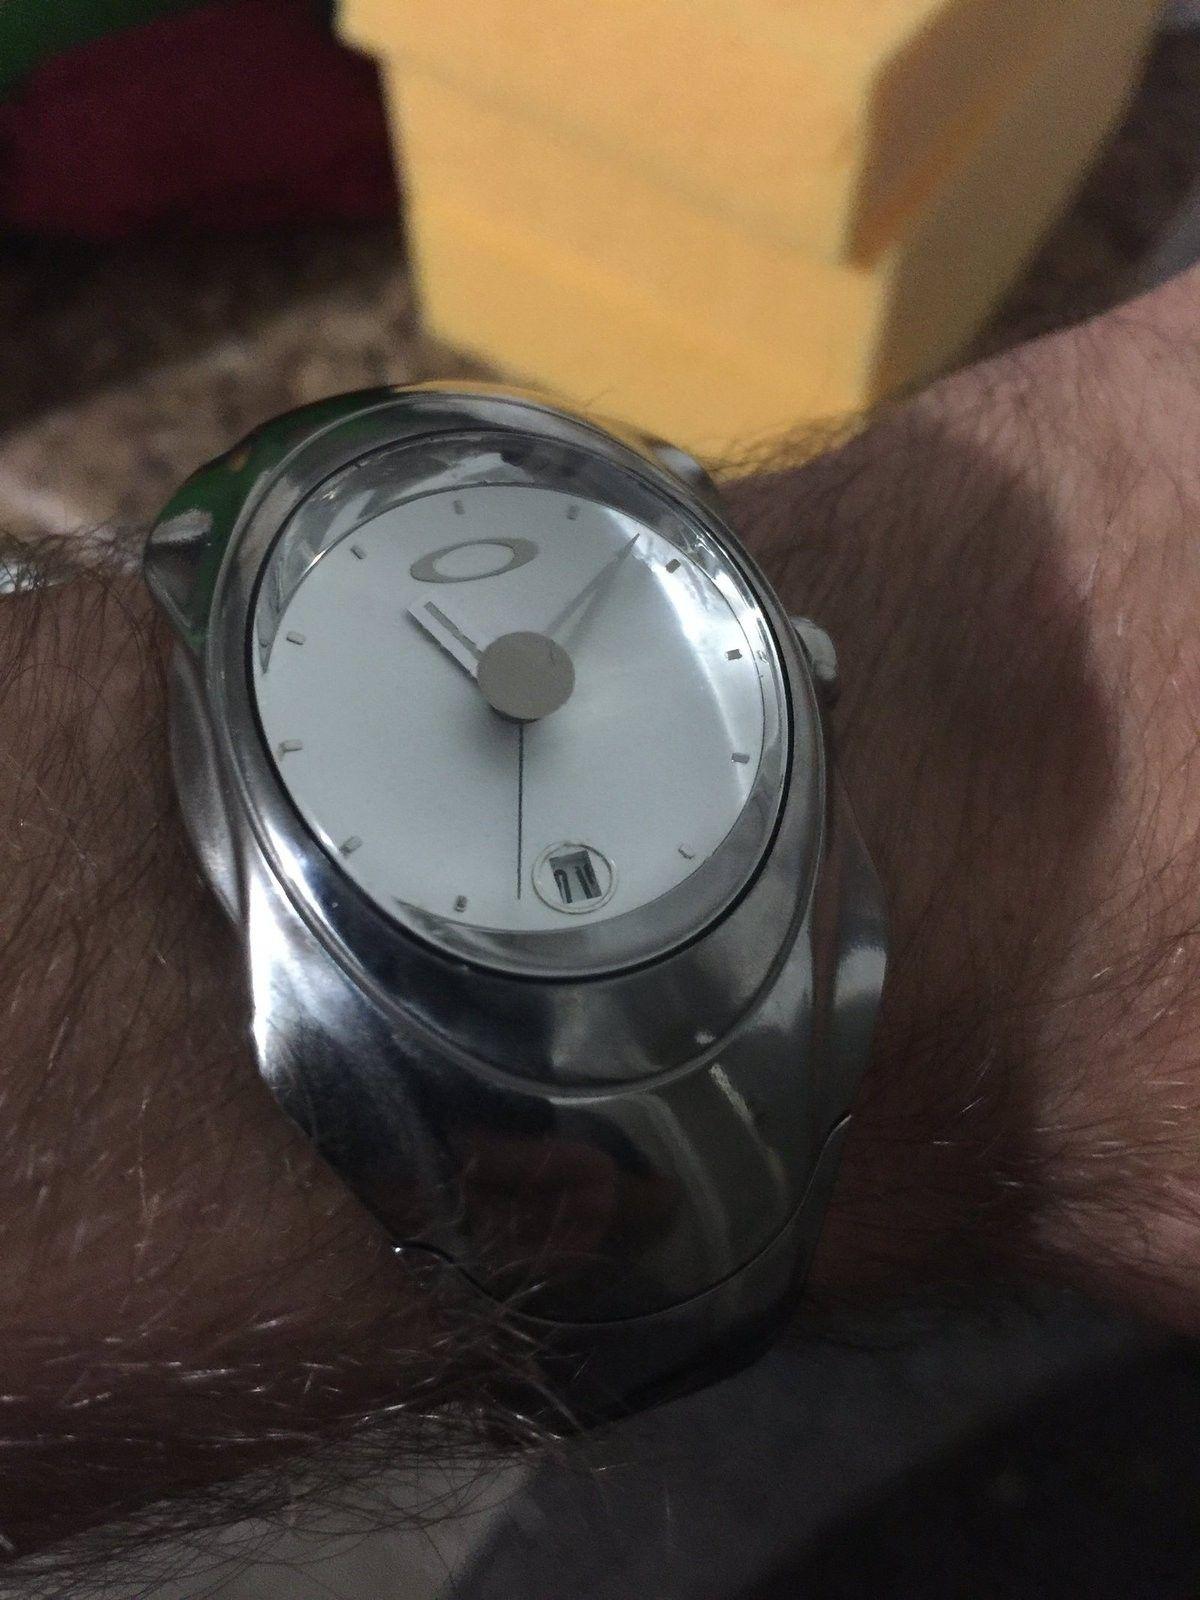 Most iconic Oakley watch - image.jpeg